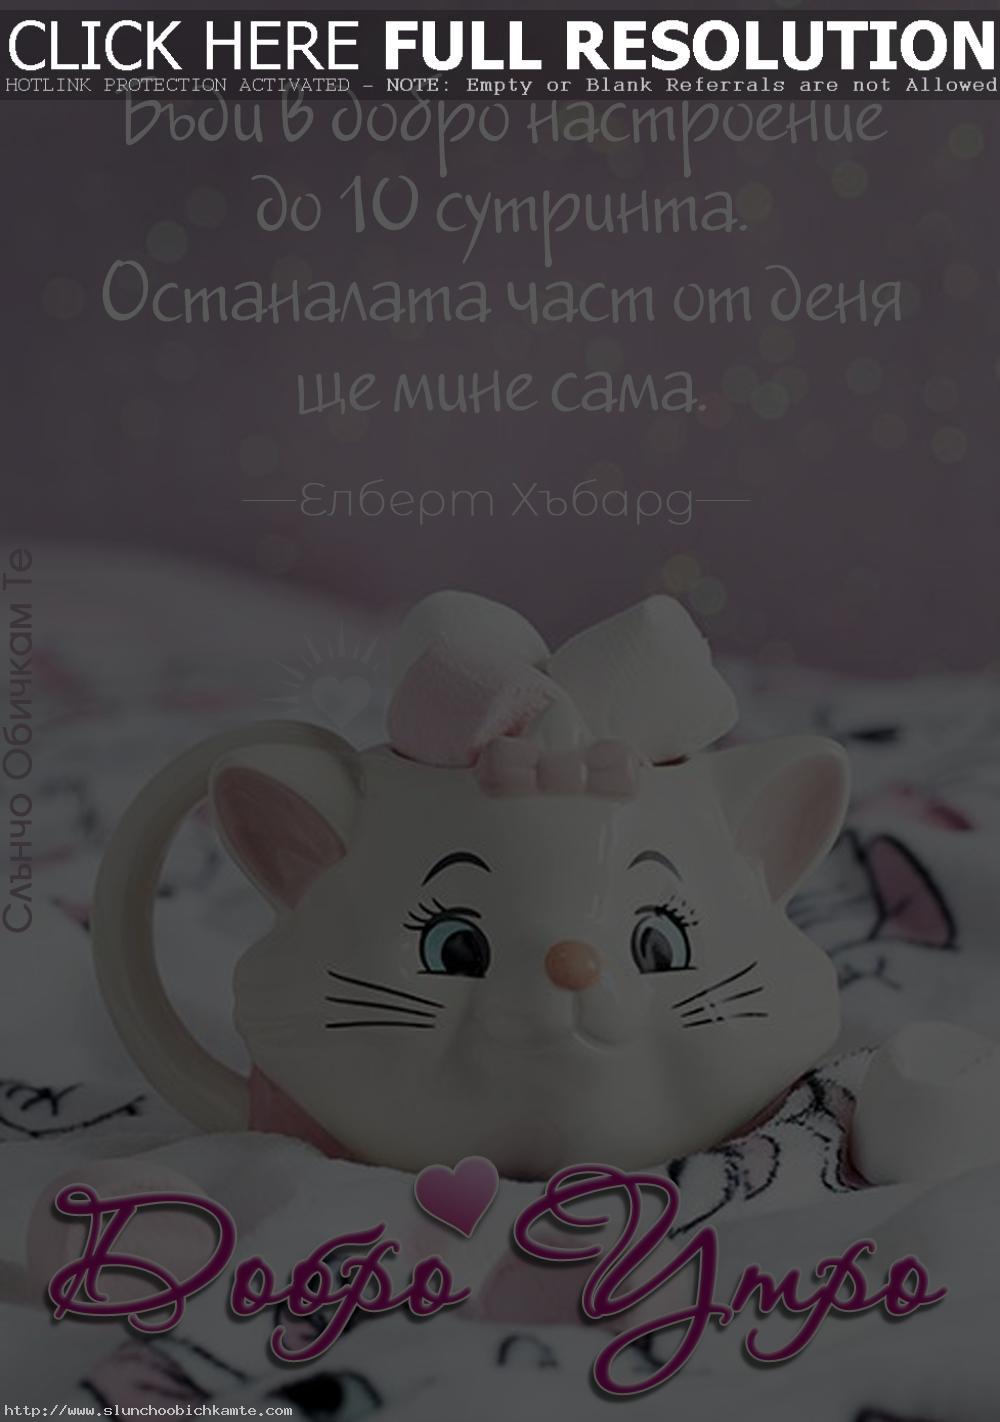 Добро утро с цитат на Елберт Хъбард - Пожелания за добро утро, чаша с коте